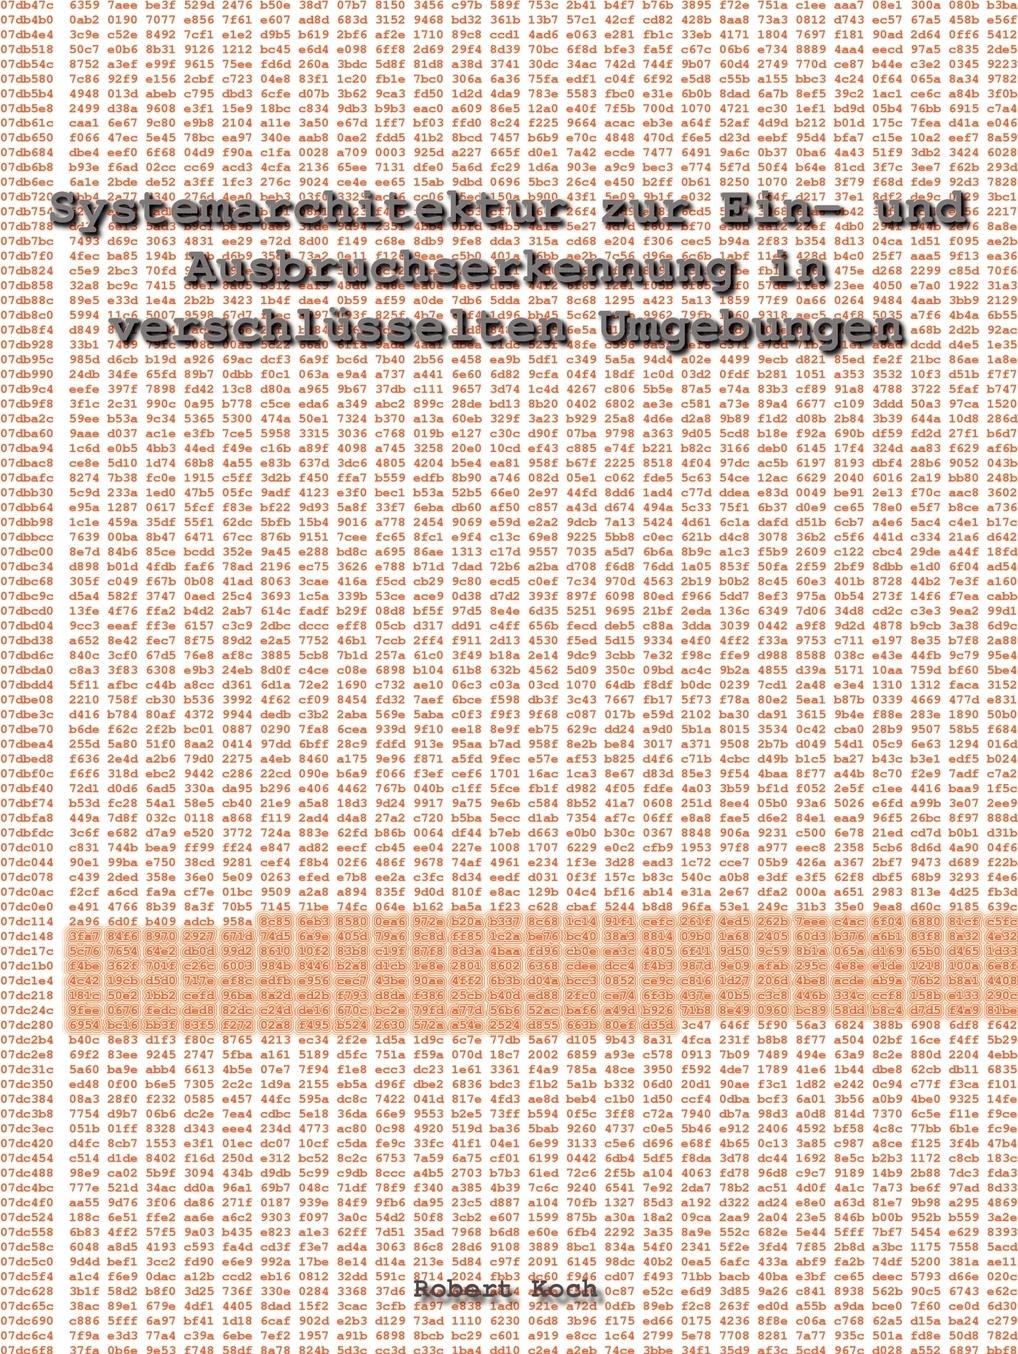 Robert Koch. Systemarchitektur zur Ein- und Ausbruchserkennung in verschlusselten Umgebungen